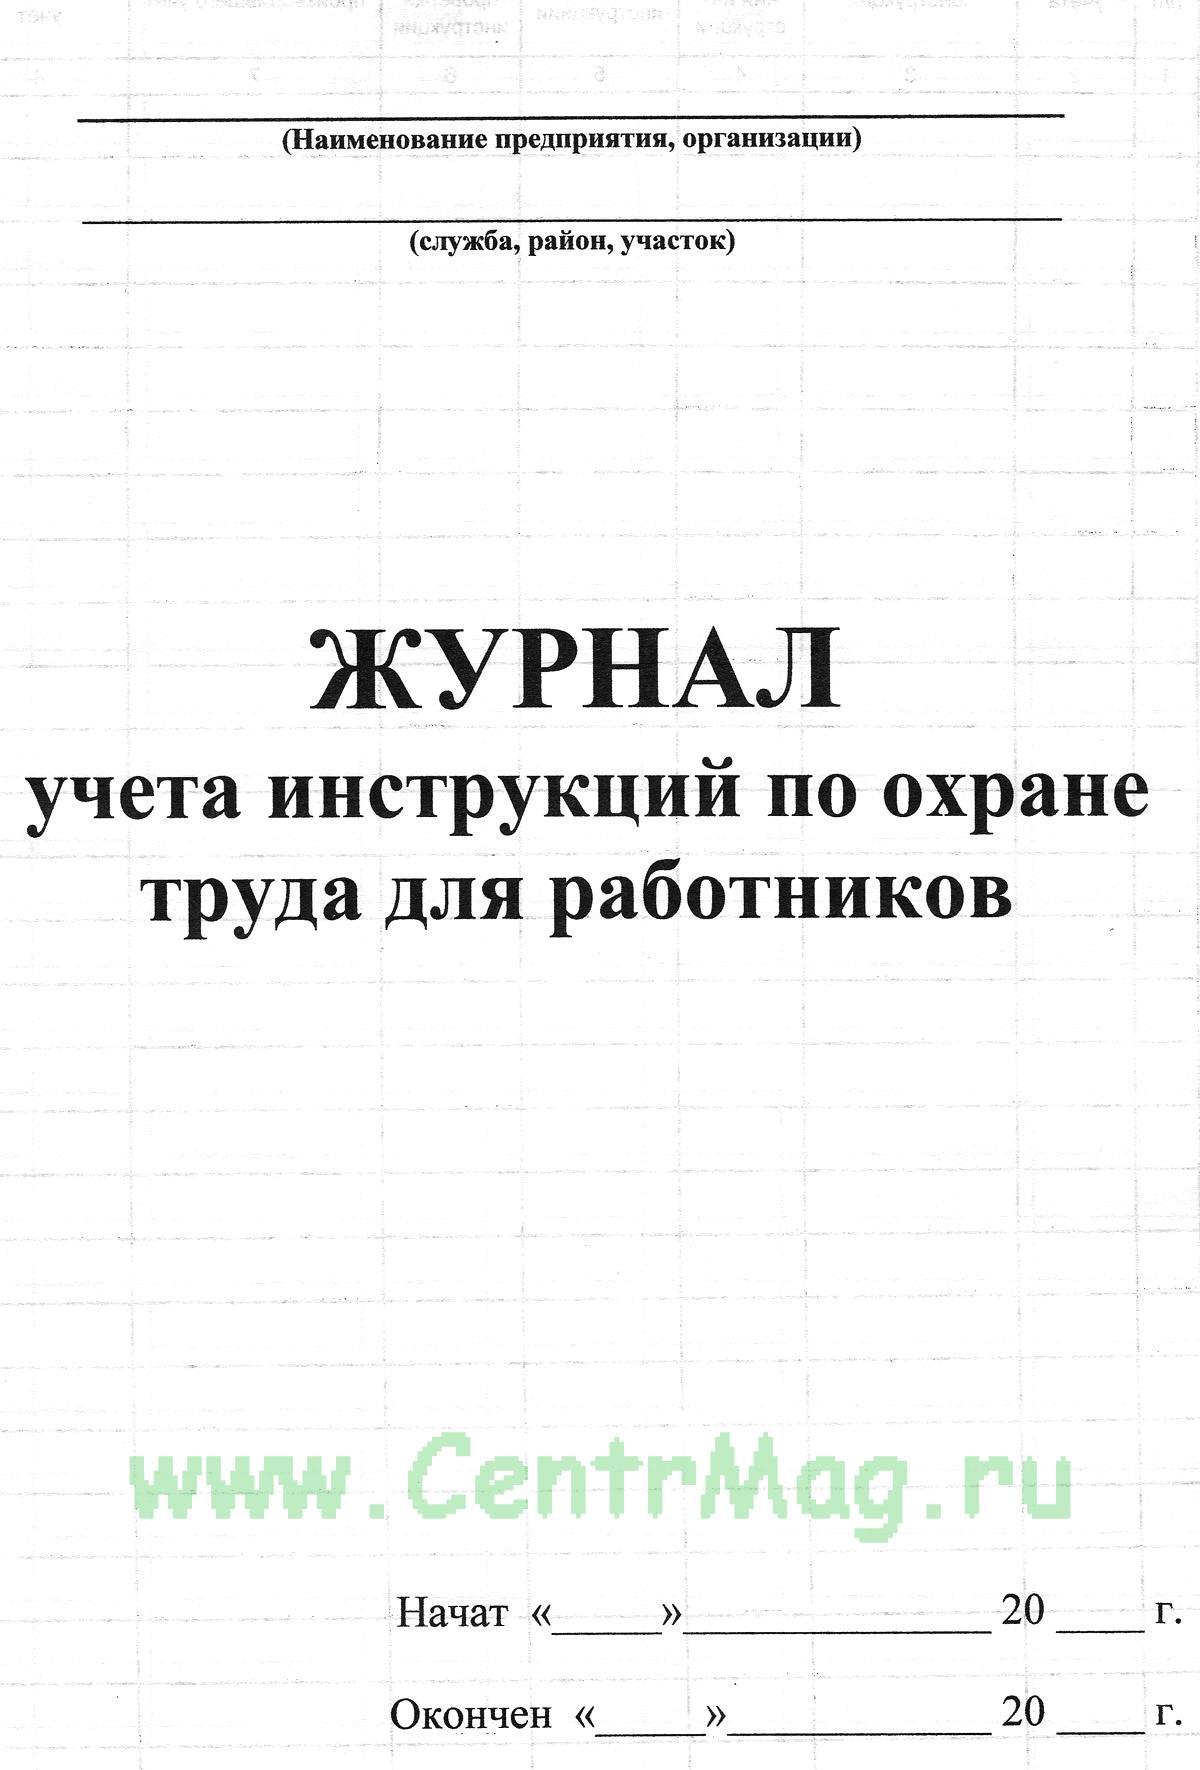 Инструкция По Охране Труда Для Преподавателя Хореографии.Doc